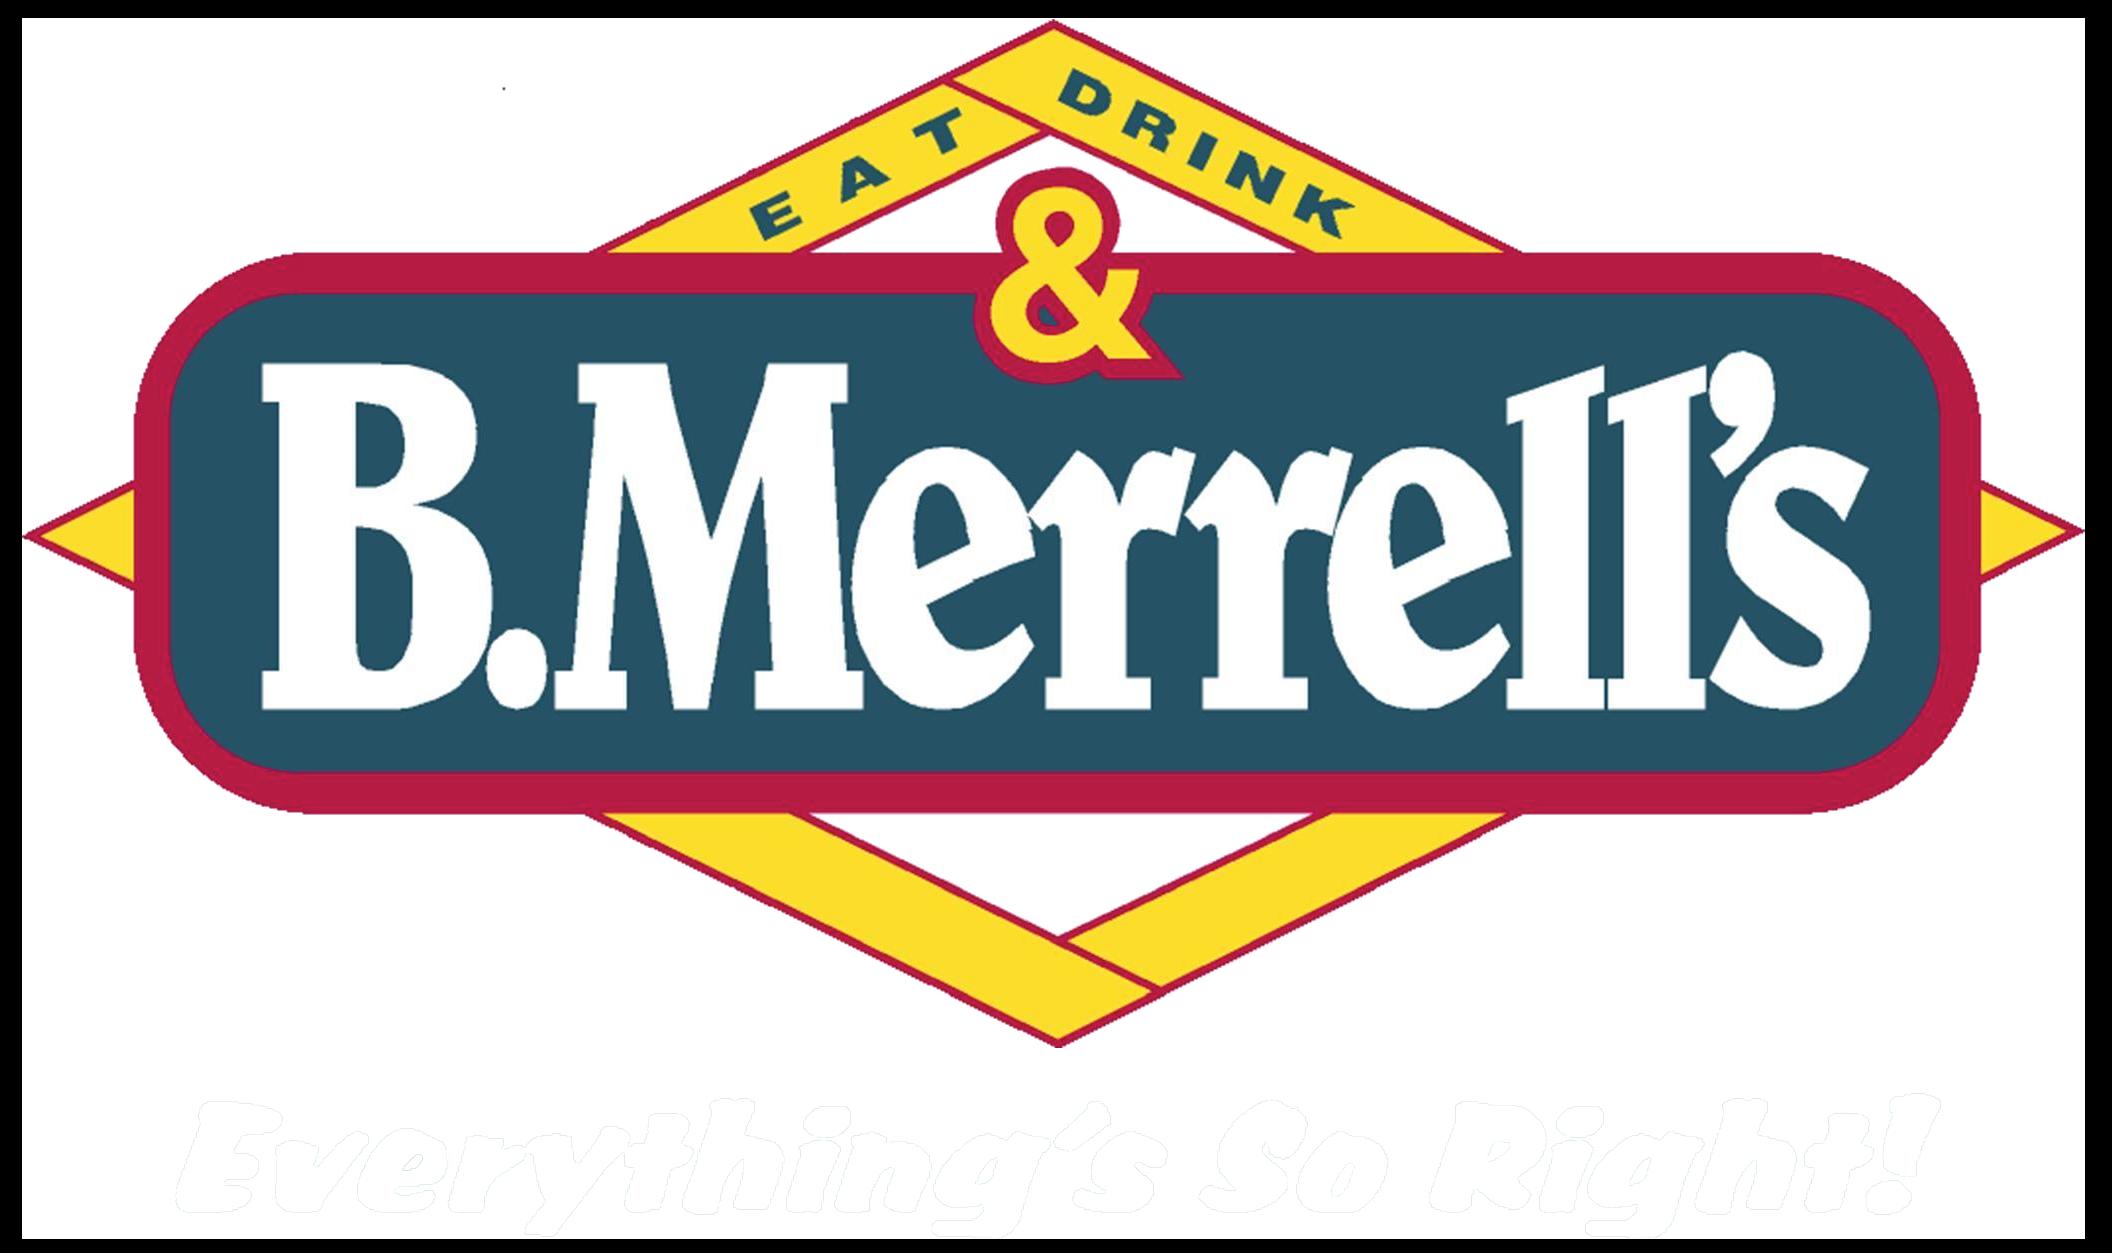 B. Merrell's Home